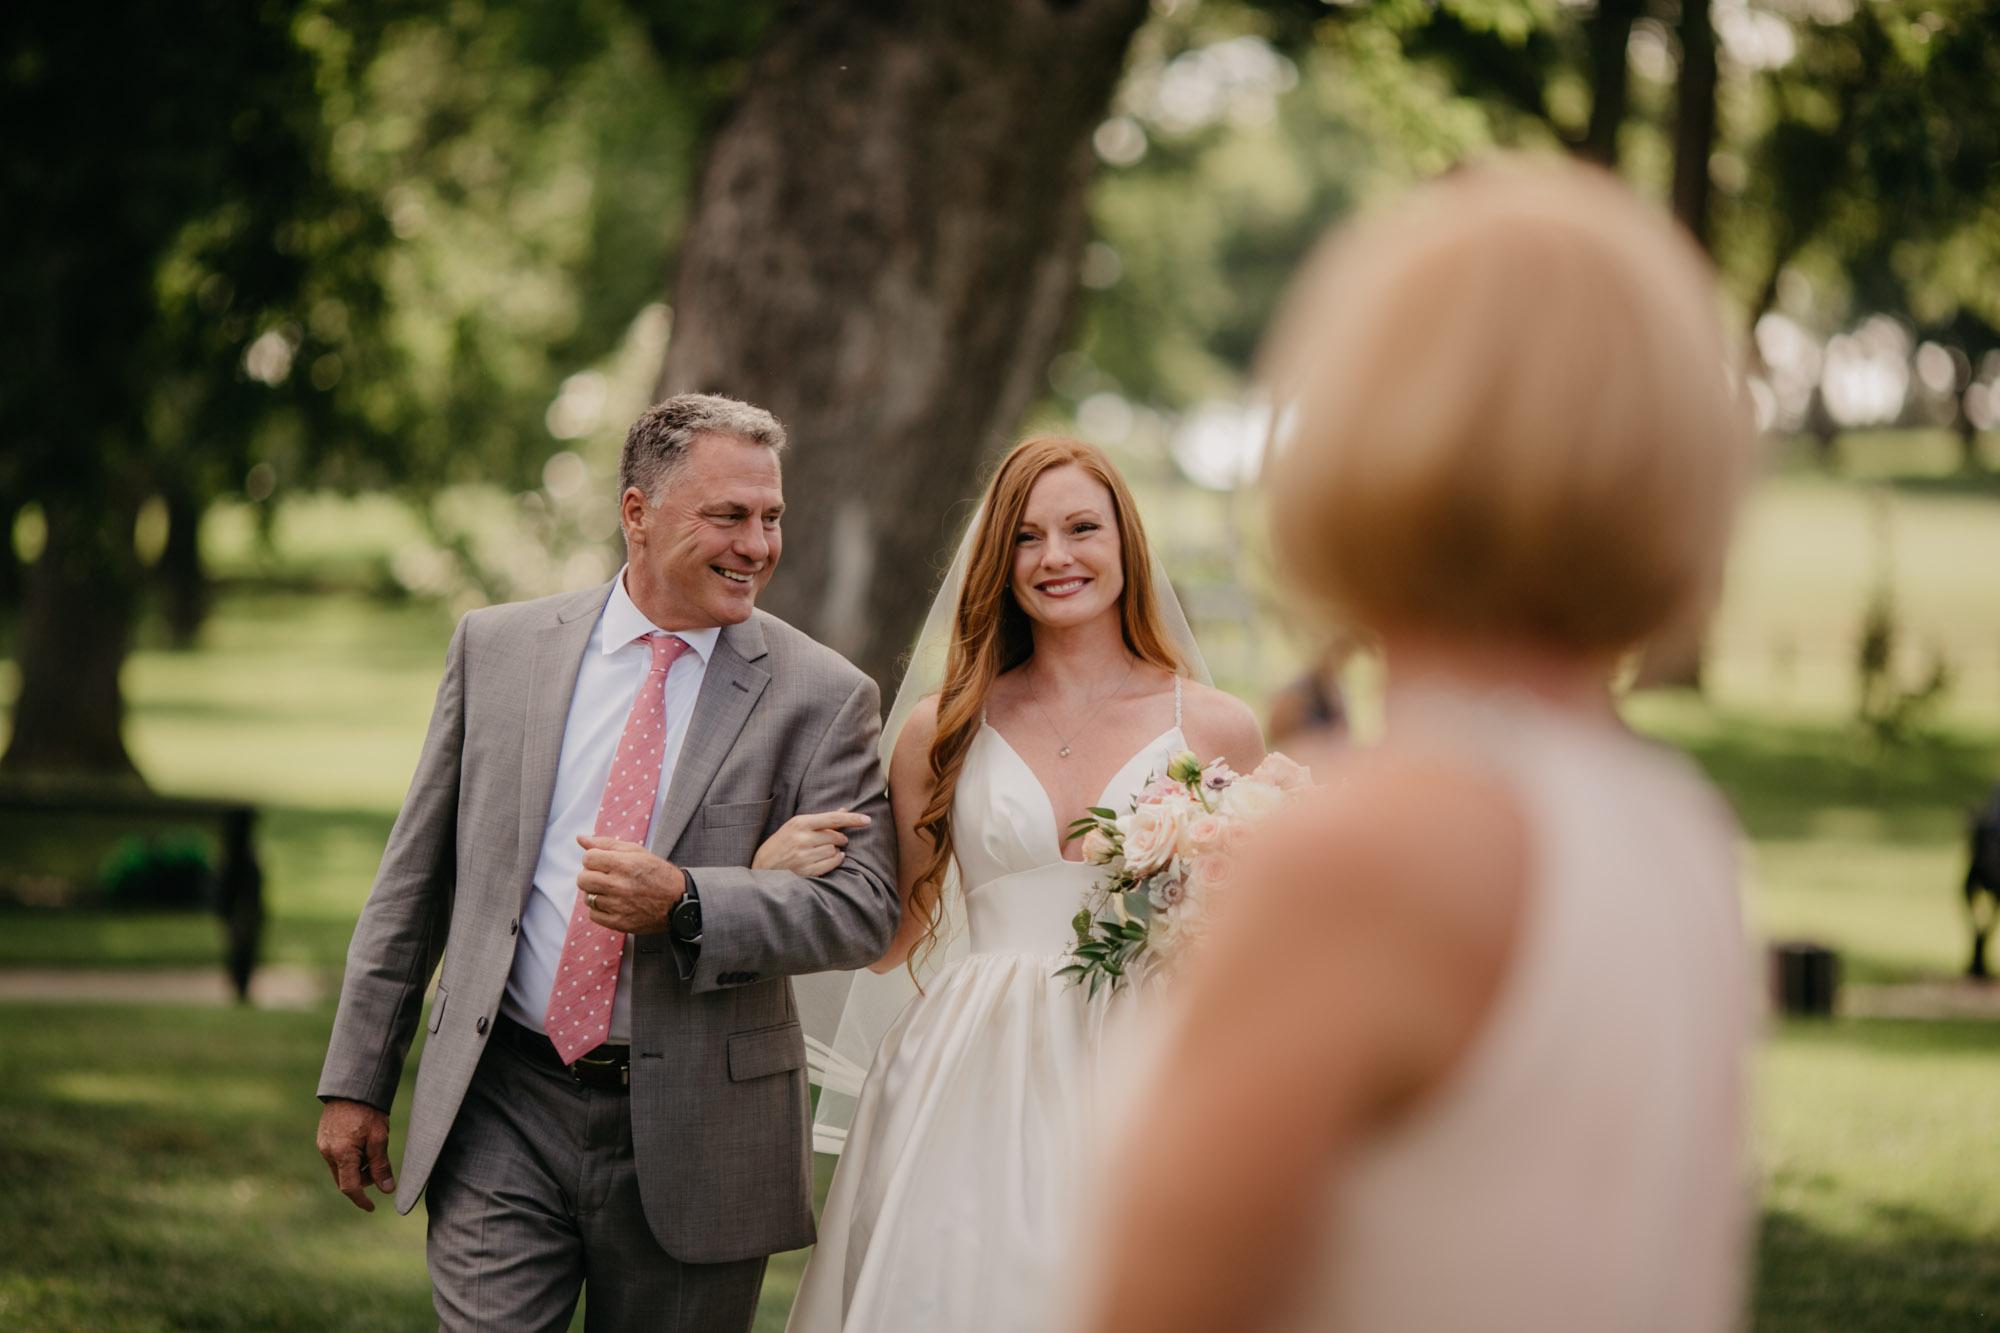 elmwood-park-wedding-photographer-nicole-jon-20.jpg